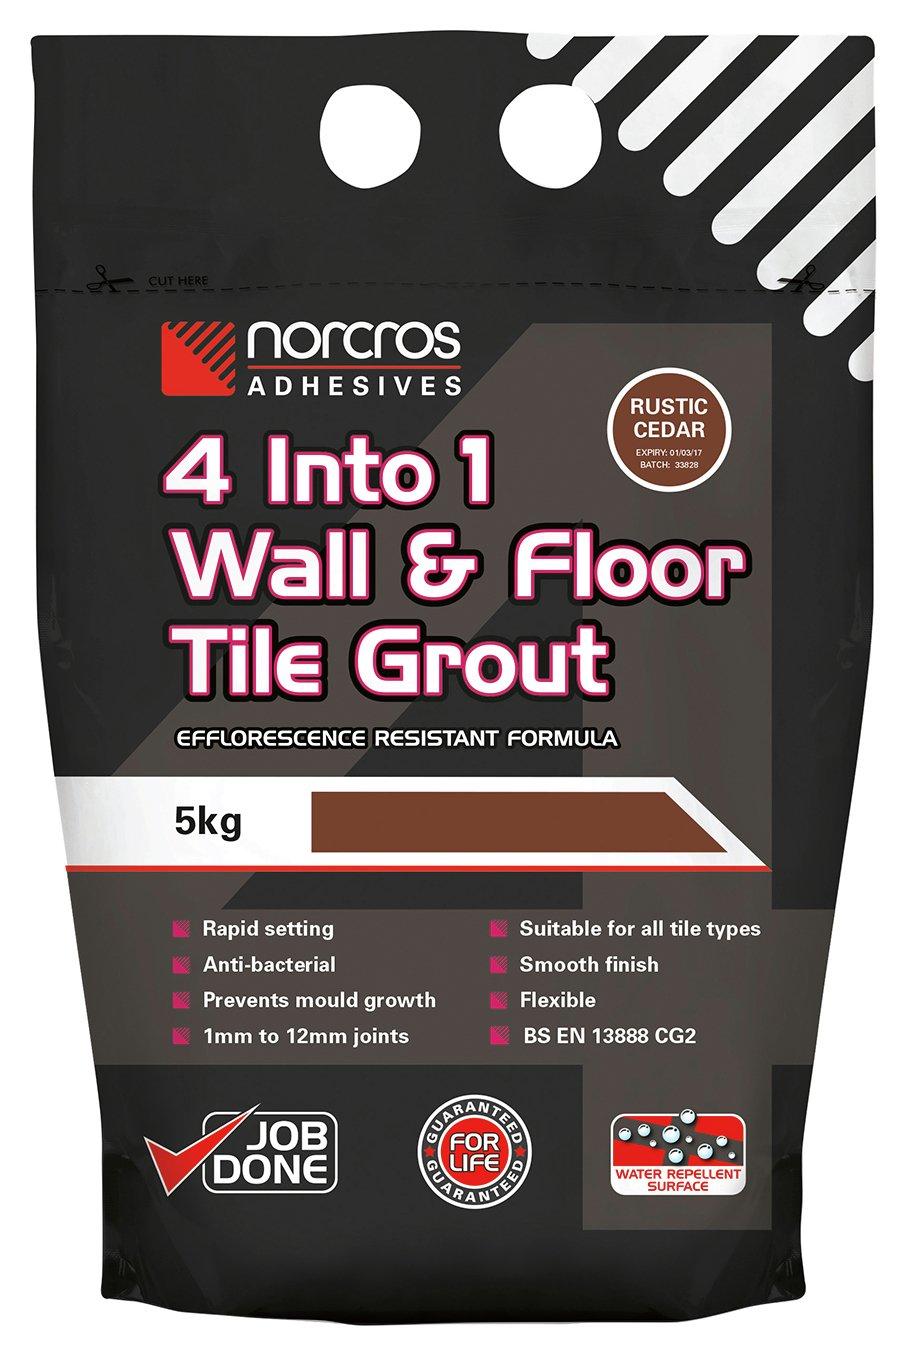 Norcros 4 in 1 Rustic Cedar Tile Grout - 5kg